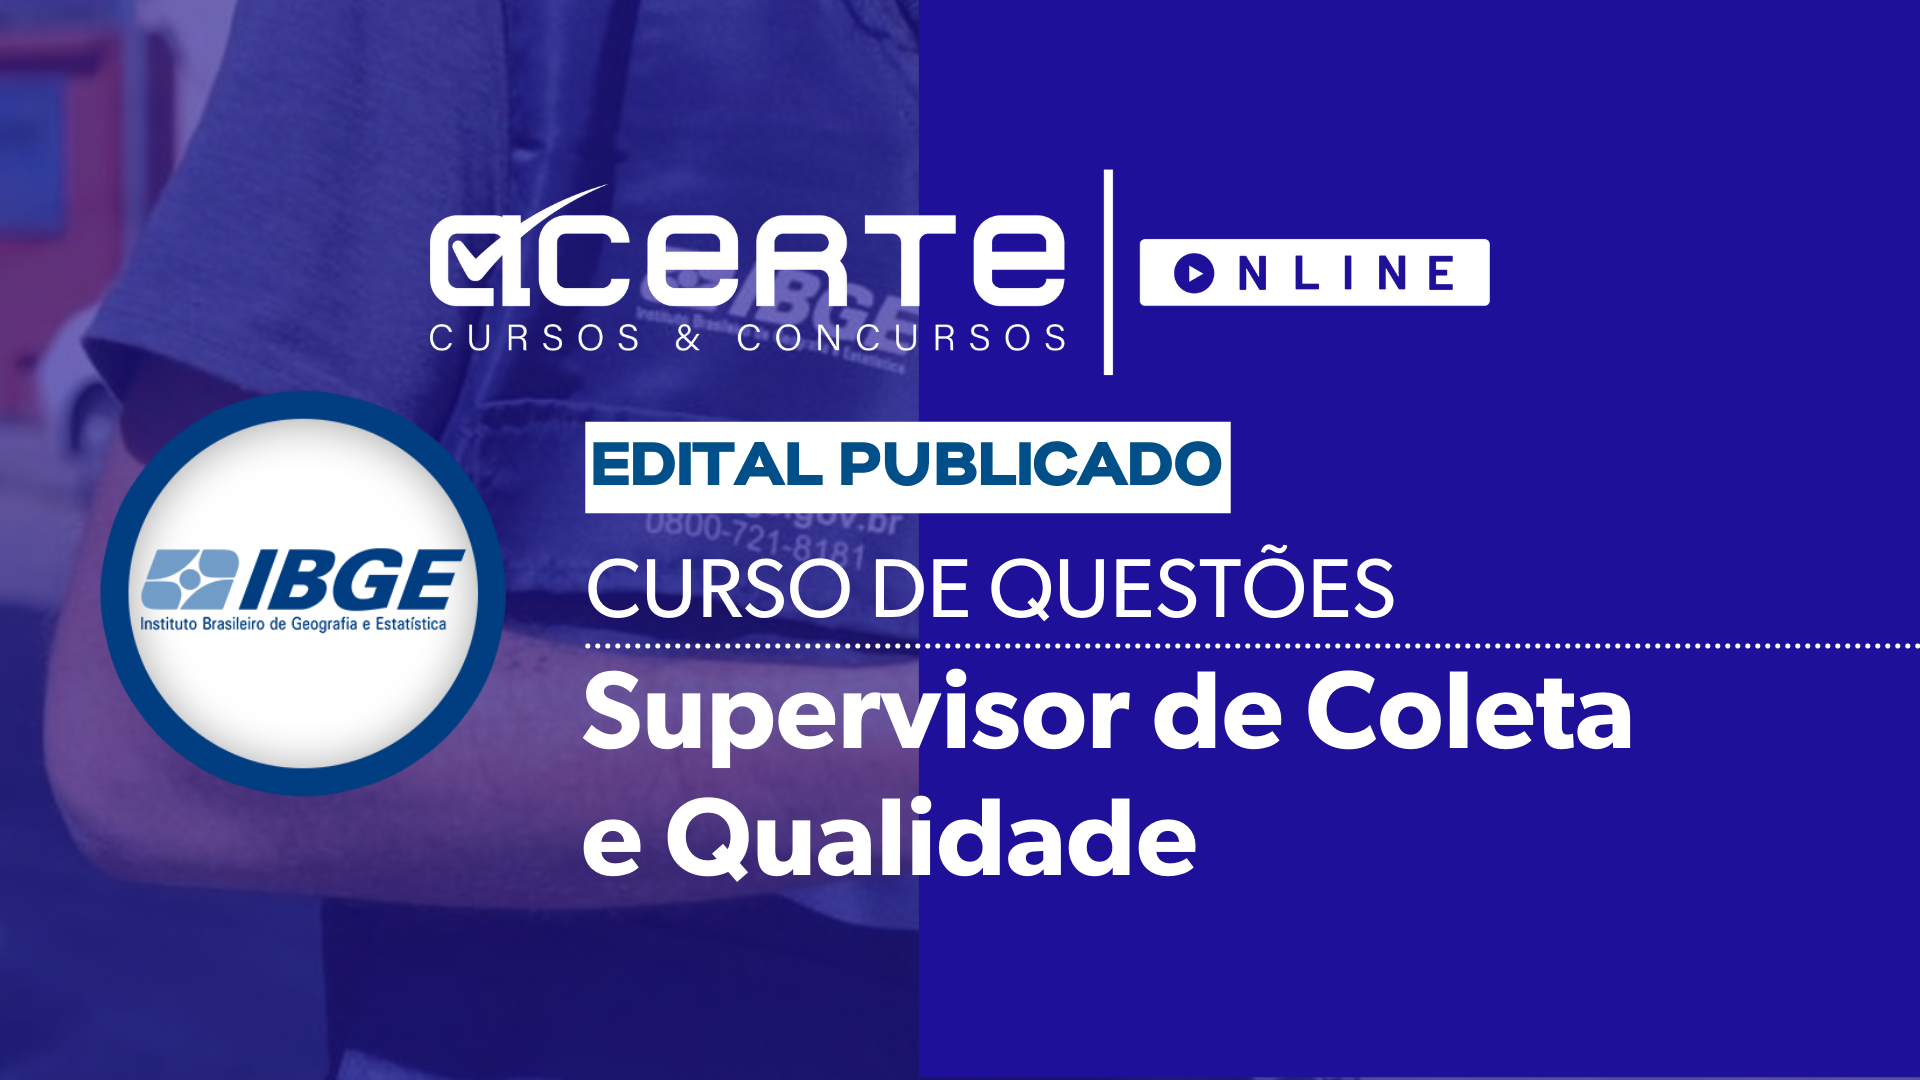 Questões - IBGE - Supervisor de Coleta e Qualidade